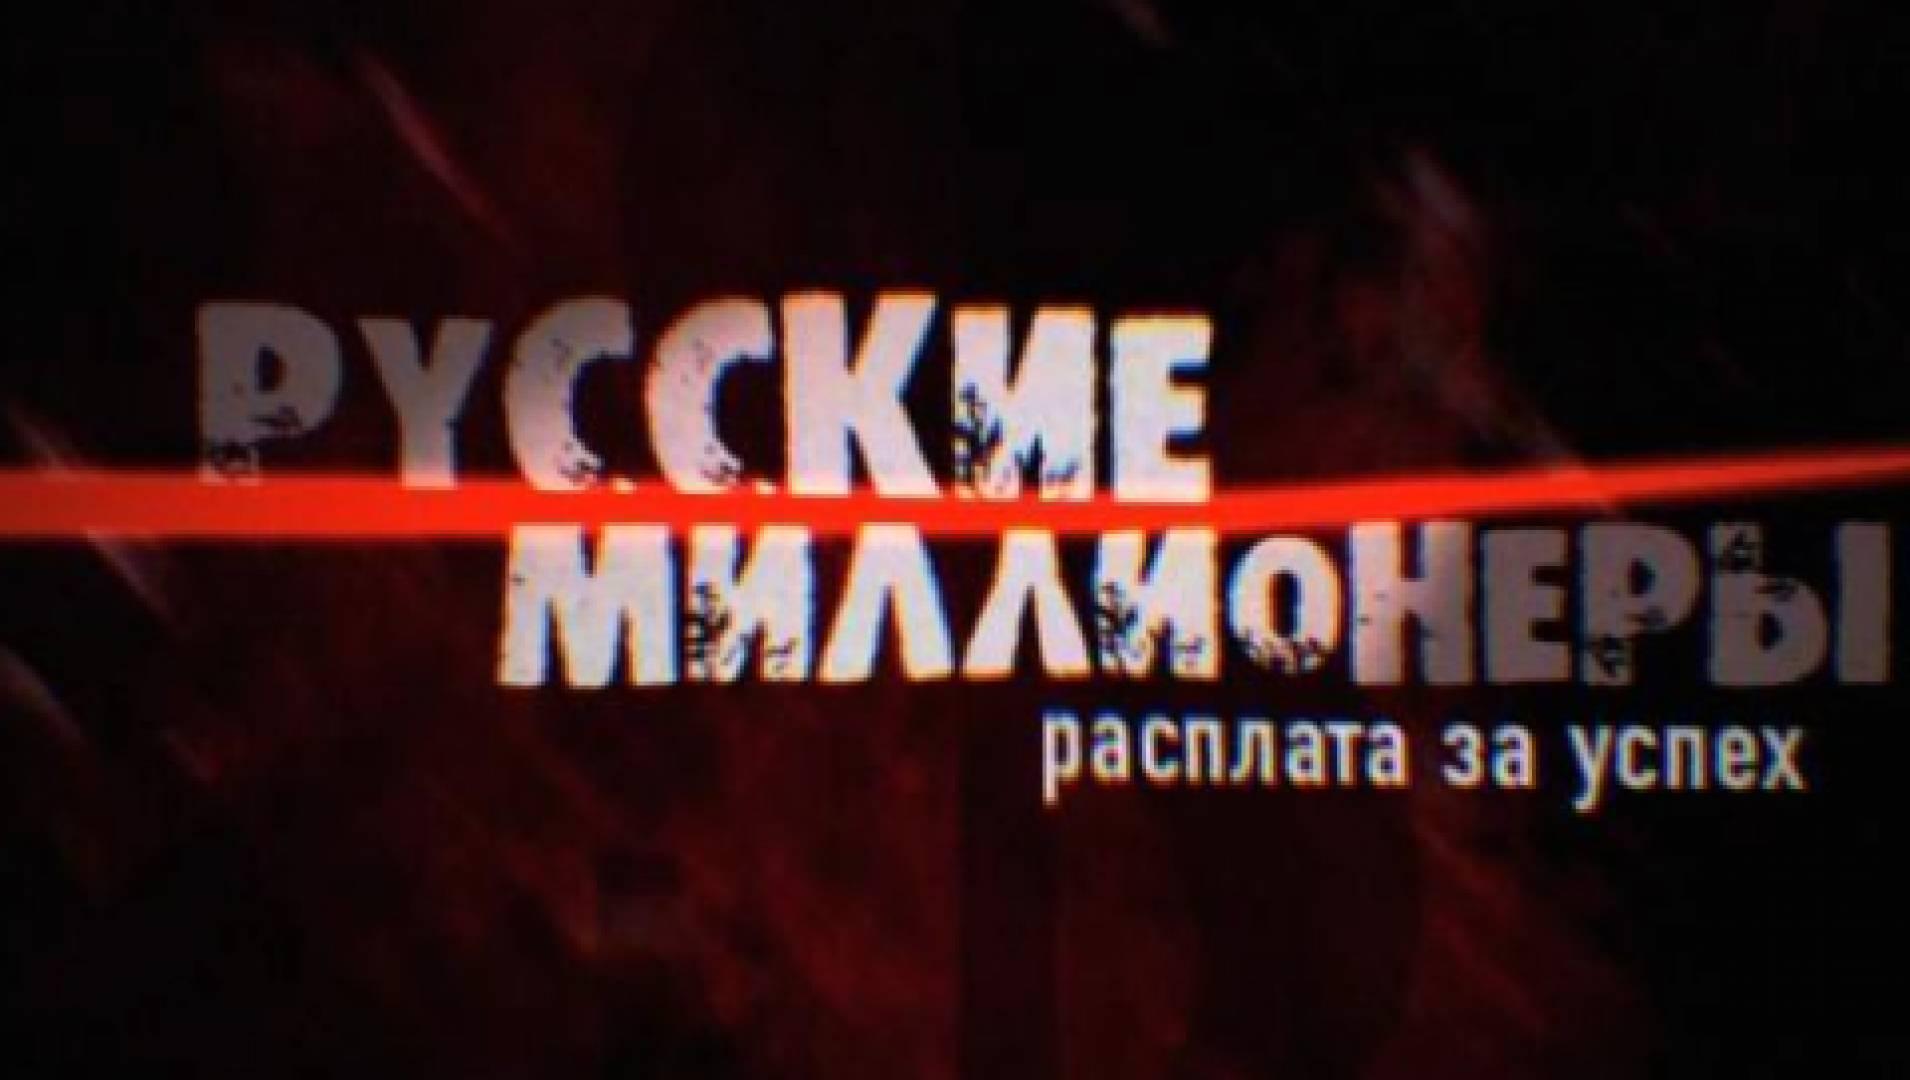 Русские миллионеры. Расплата зауспех - Документальный фильм